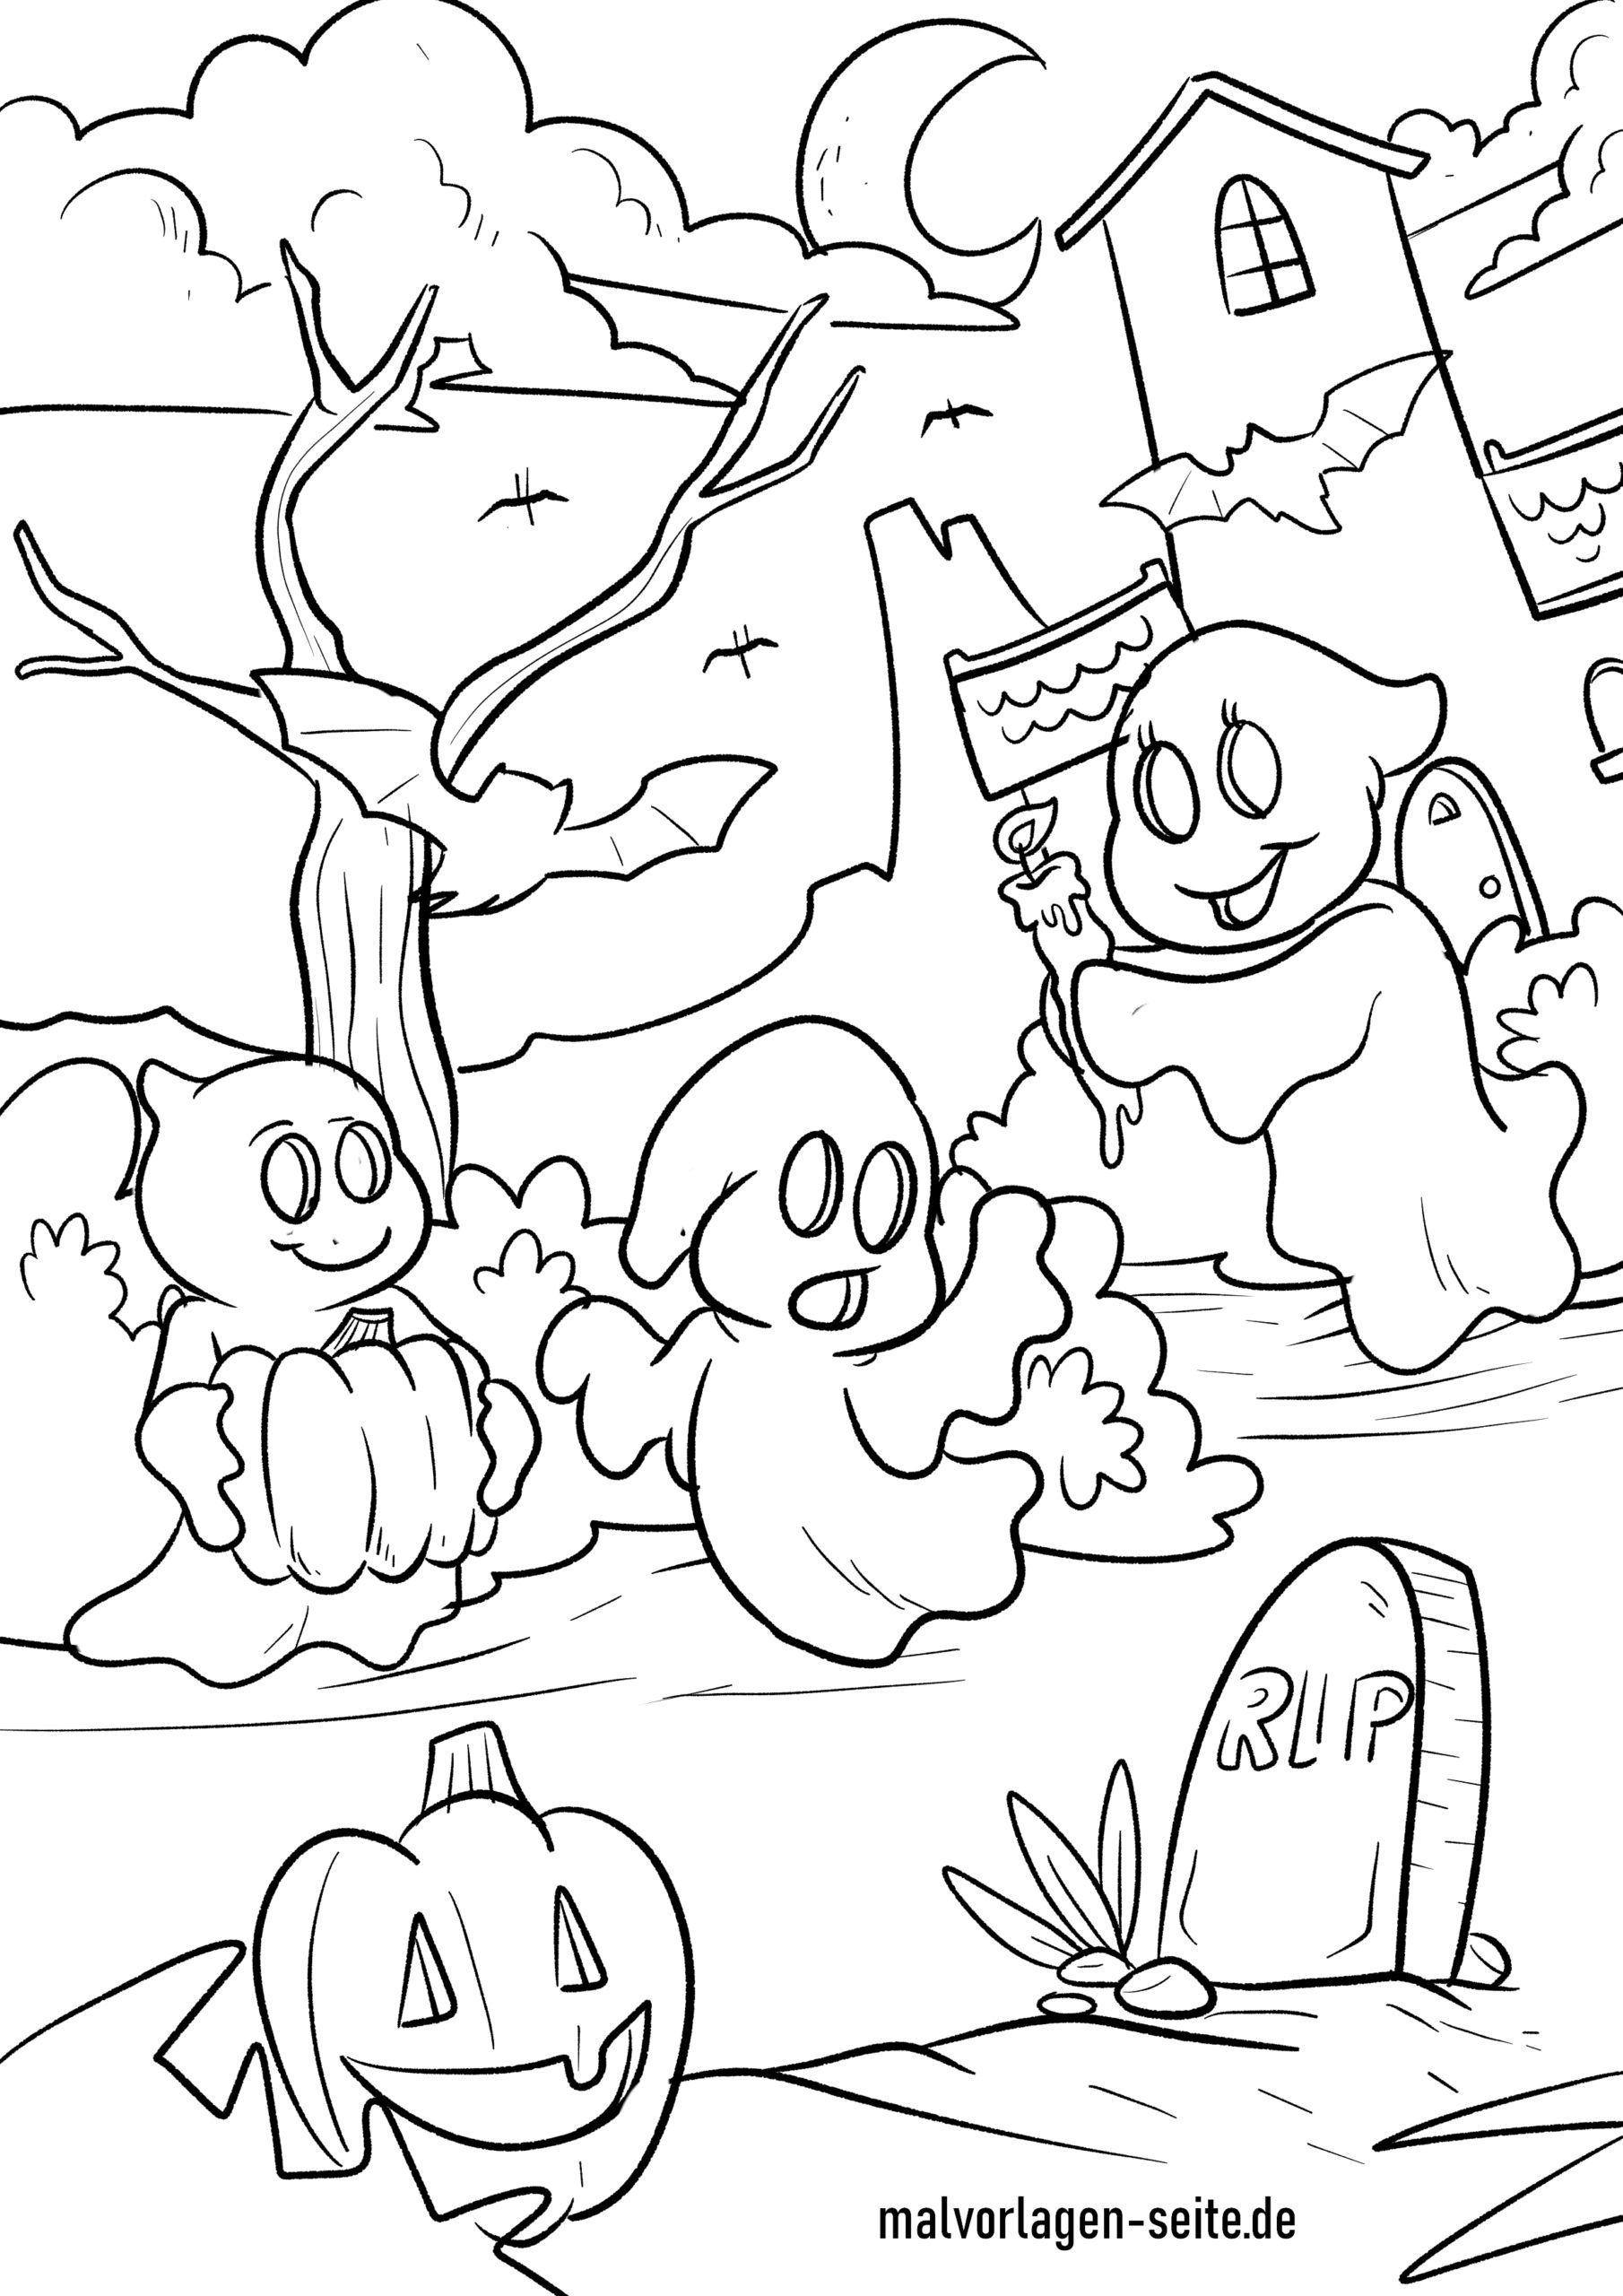 Malvorlage Halloween Gespenster - Ausmalbilder Kostenlos bei Gratis Malvorlagen Halloween